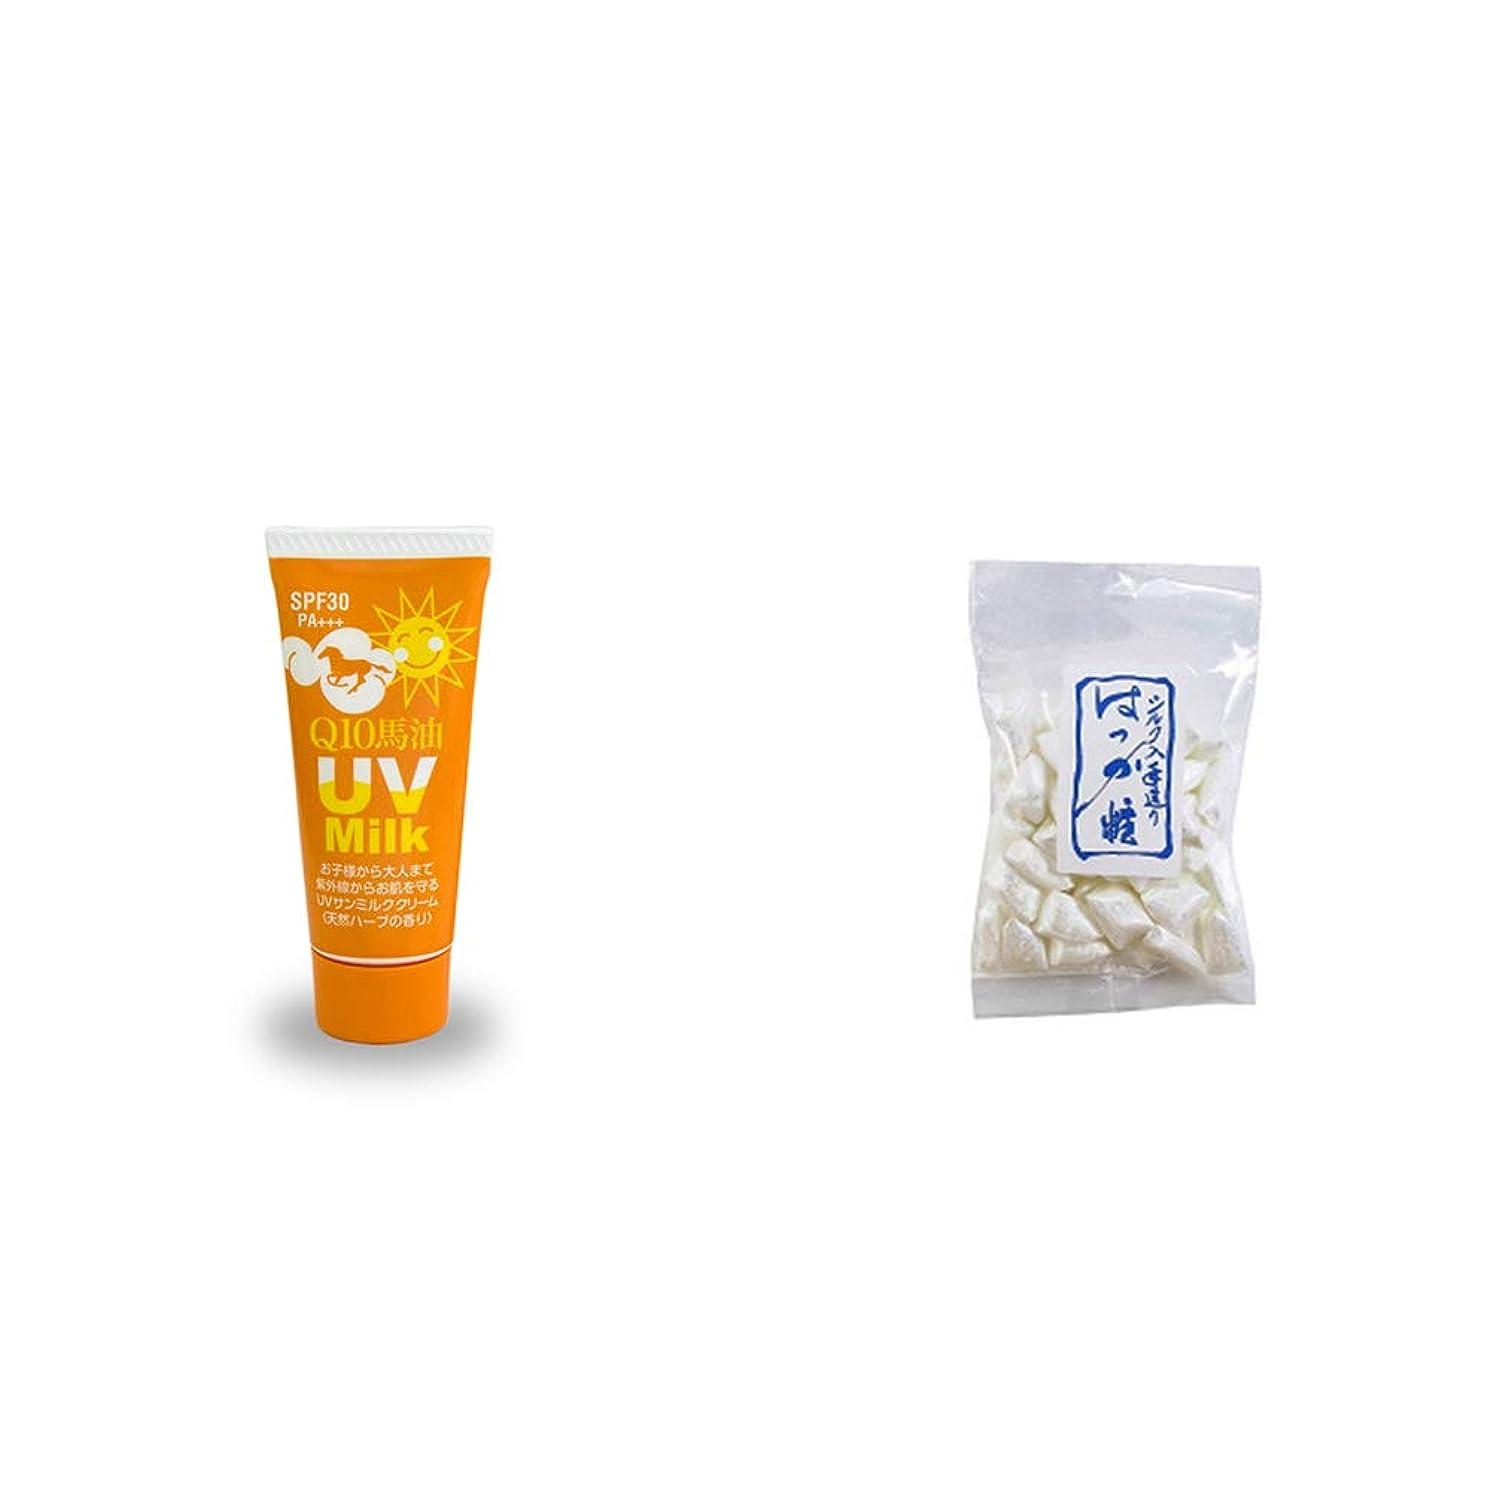 シャープ静かに前進[2点セット] 炭黒泉 Q10馬油 UVサンミルク[天然ハーブ](40g)?シルクはっか糖(150g)